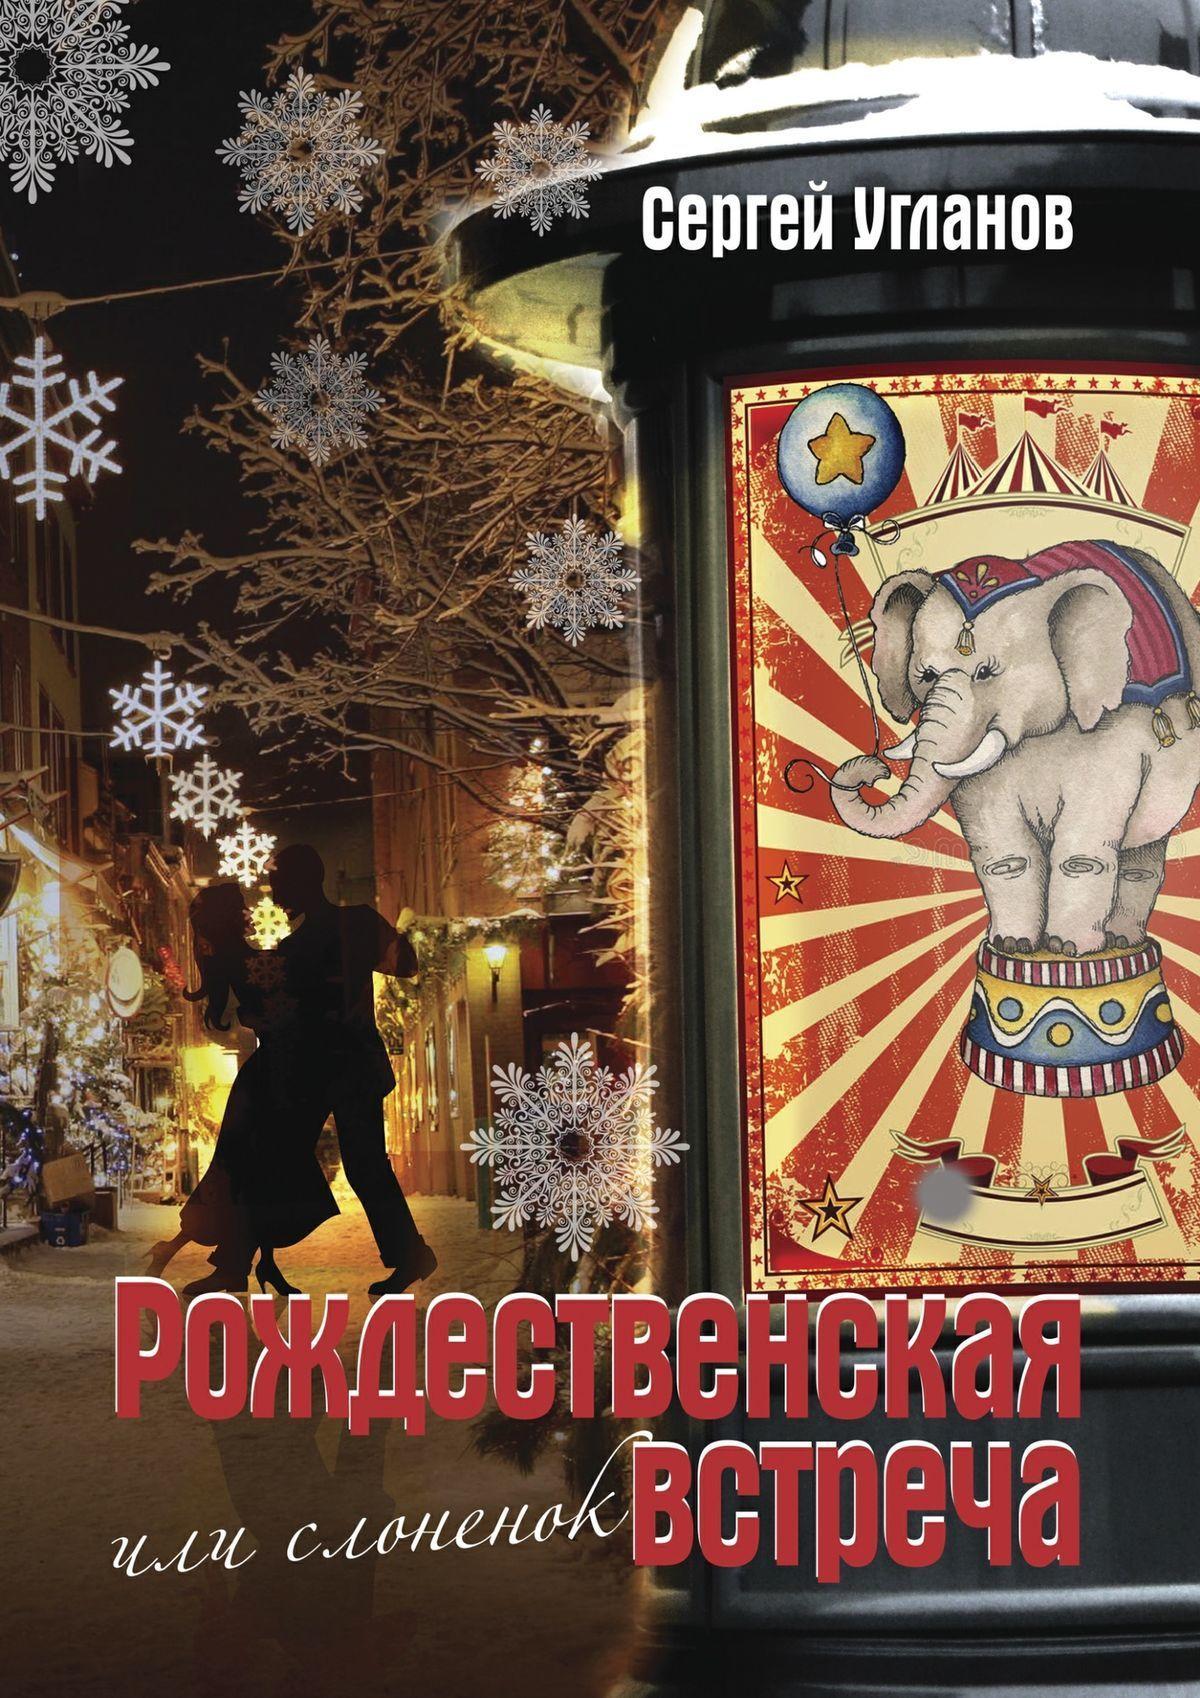 Сергей Угланов Рождественская встреча, или Слоненок. Сказка рождественская сказка